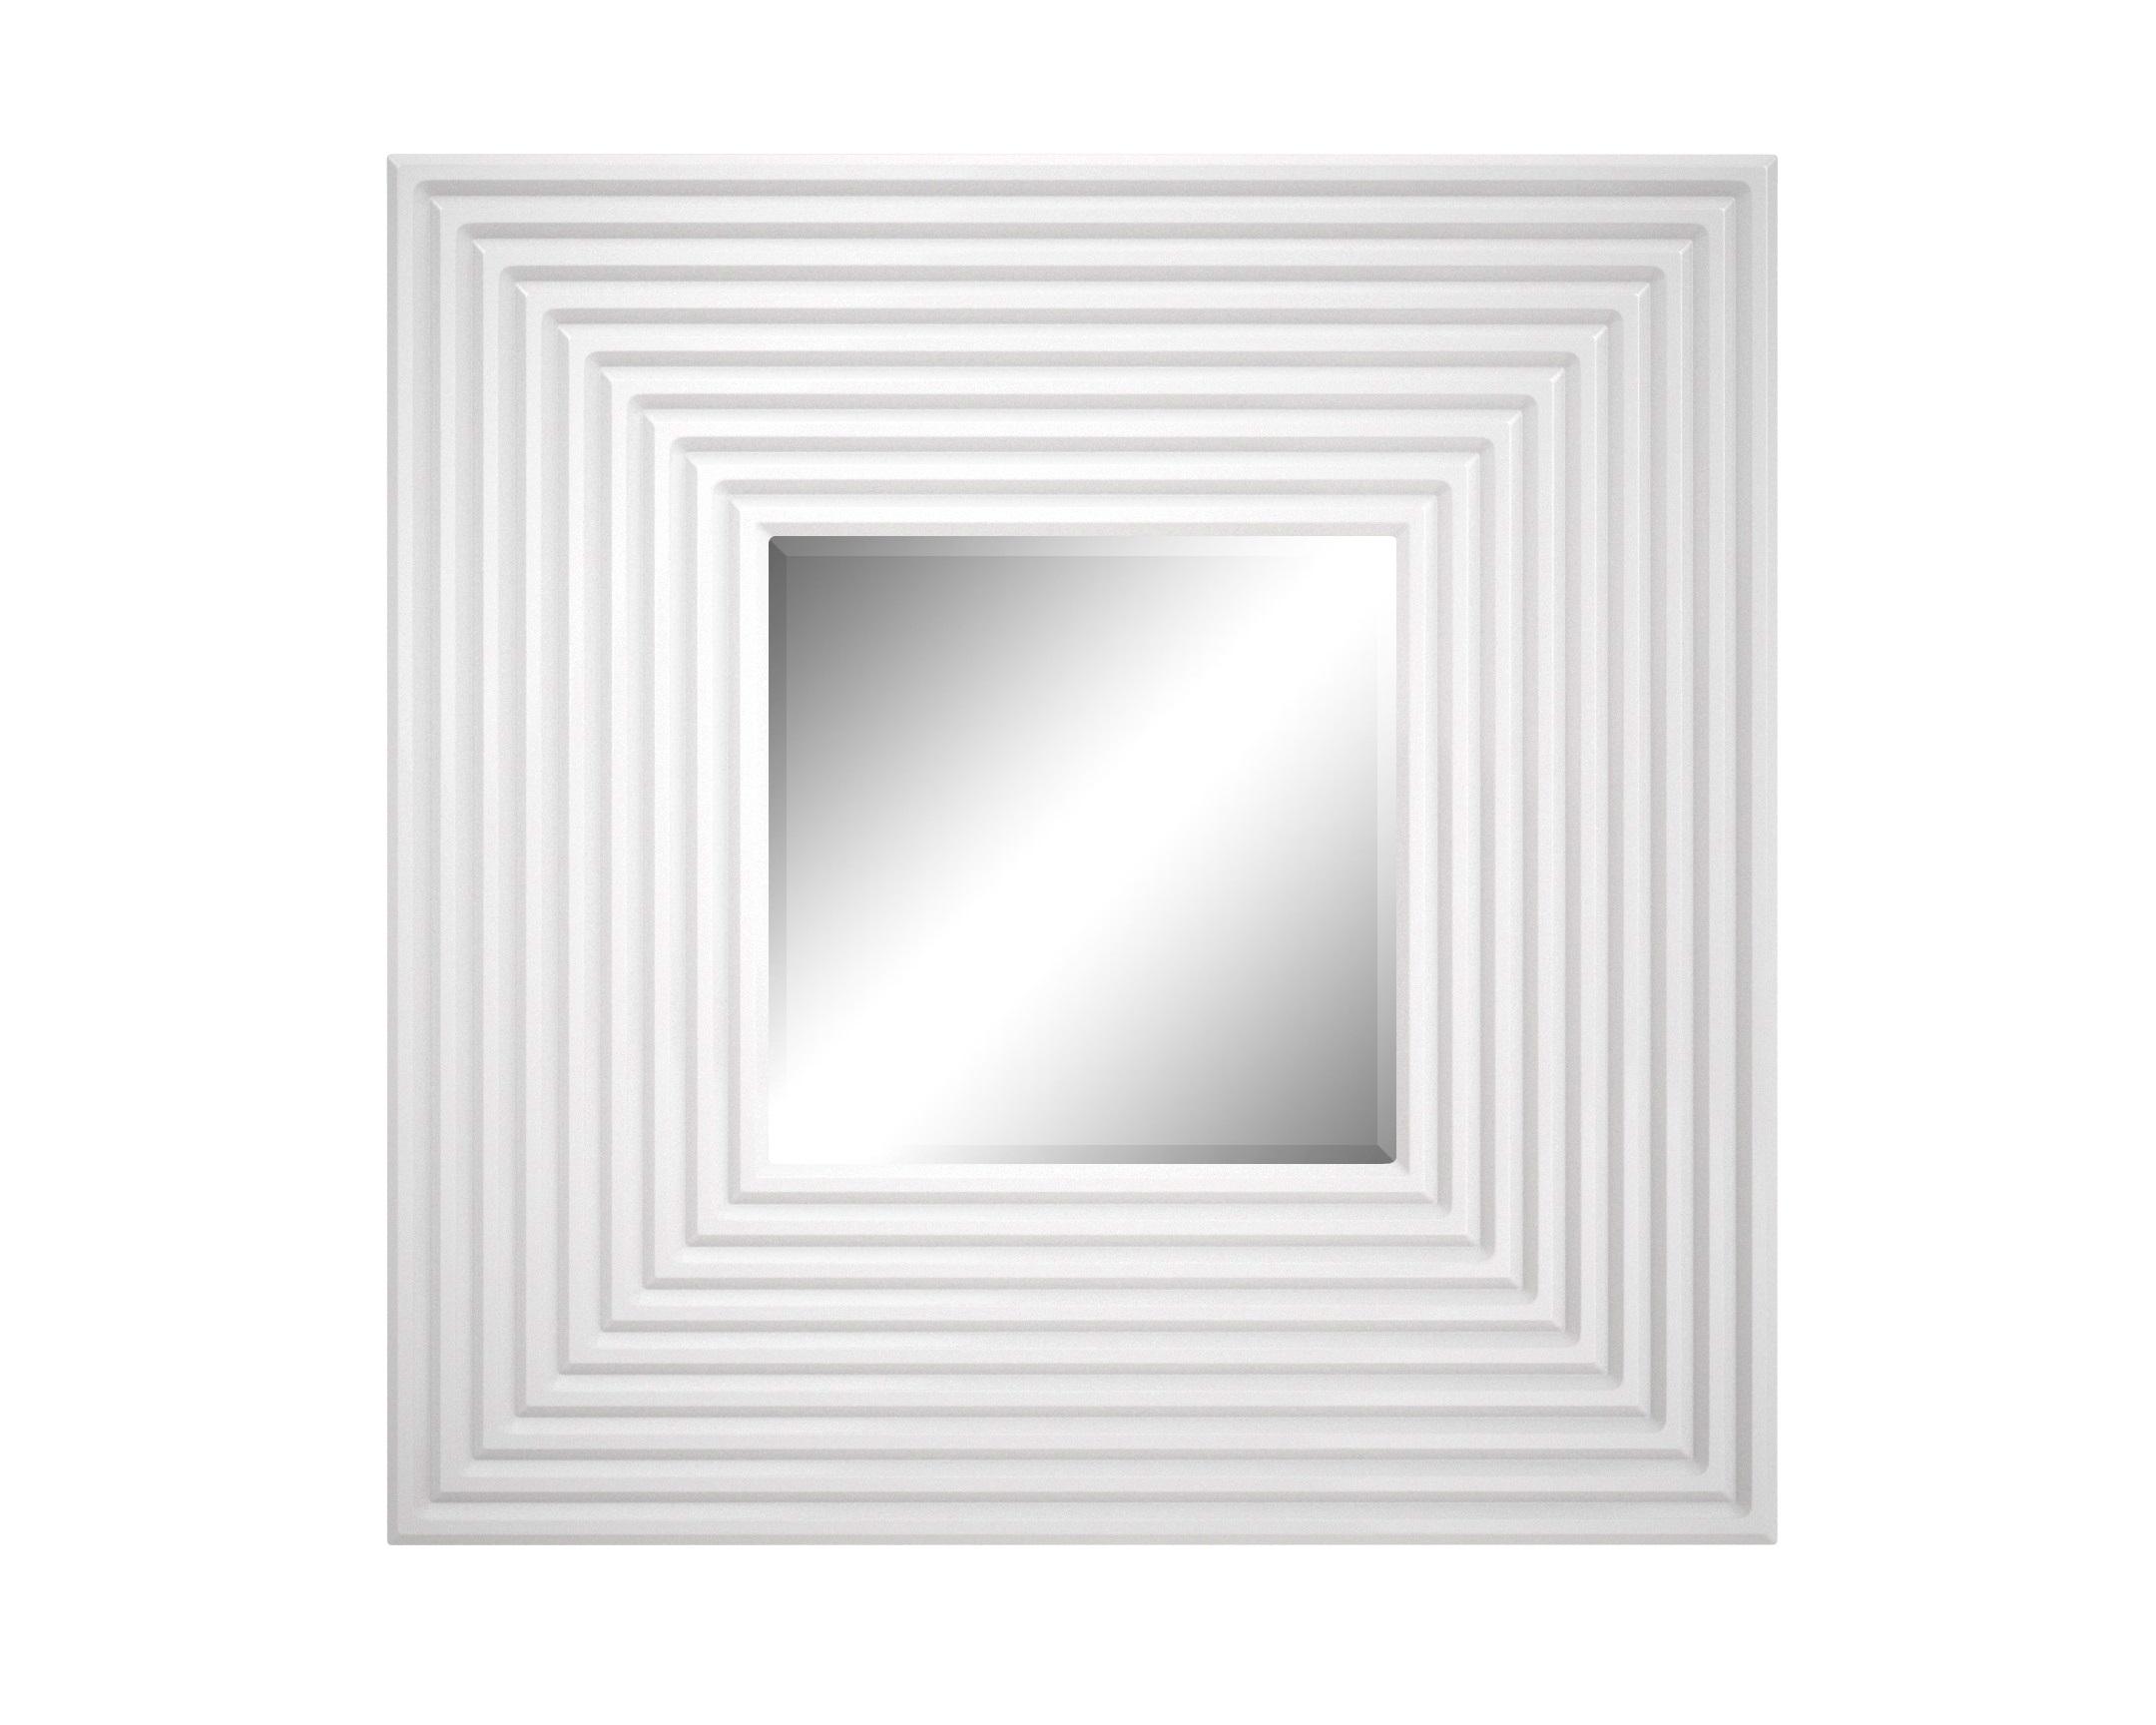 Зеркало Ambicioni 15437925 от thefurnish